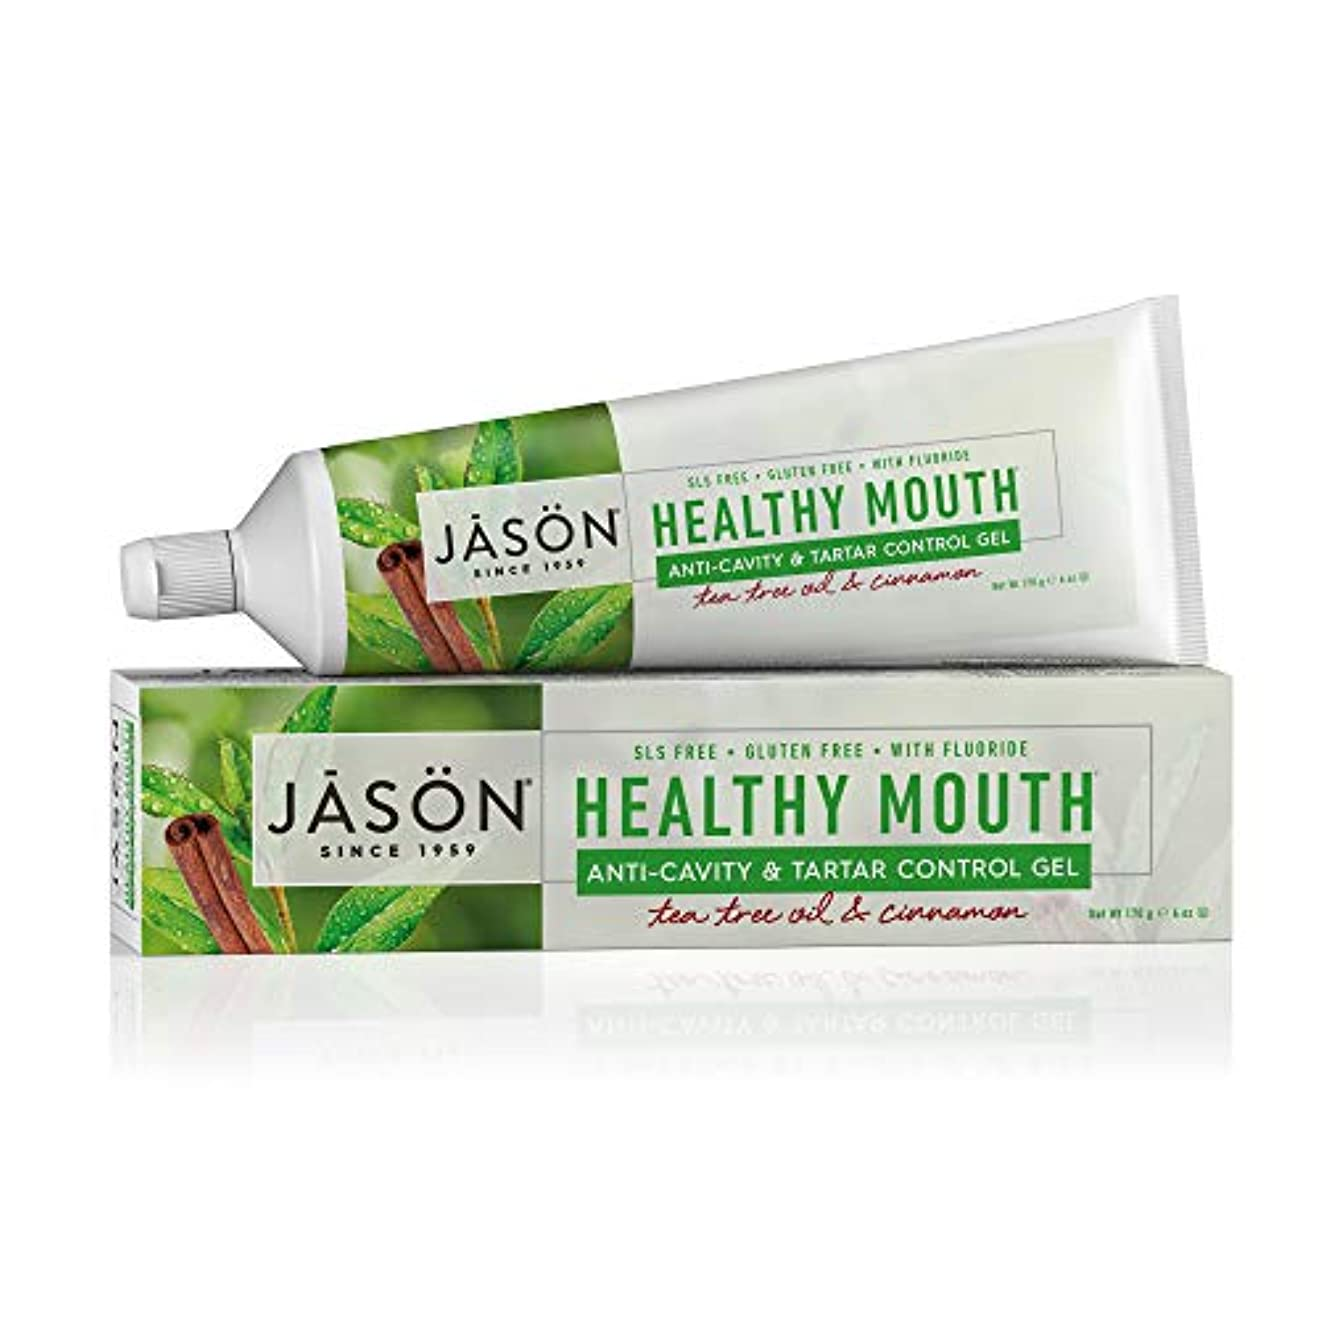 枯渇するシャベルゲートウェイJason 健康な口抗歯垢&タルタルコントロールハミガキティーツリーオイル&シナモン、6オンス